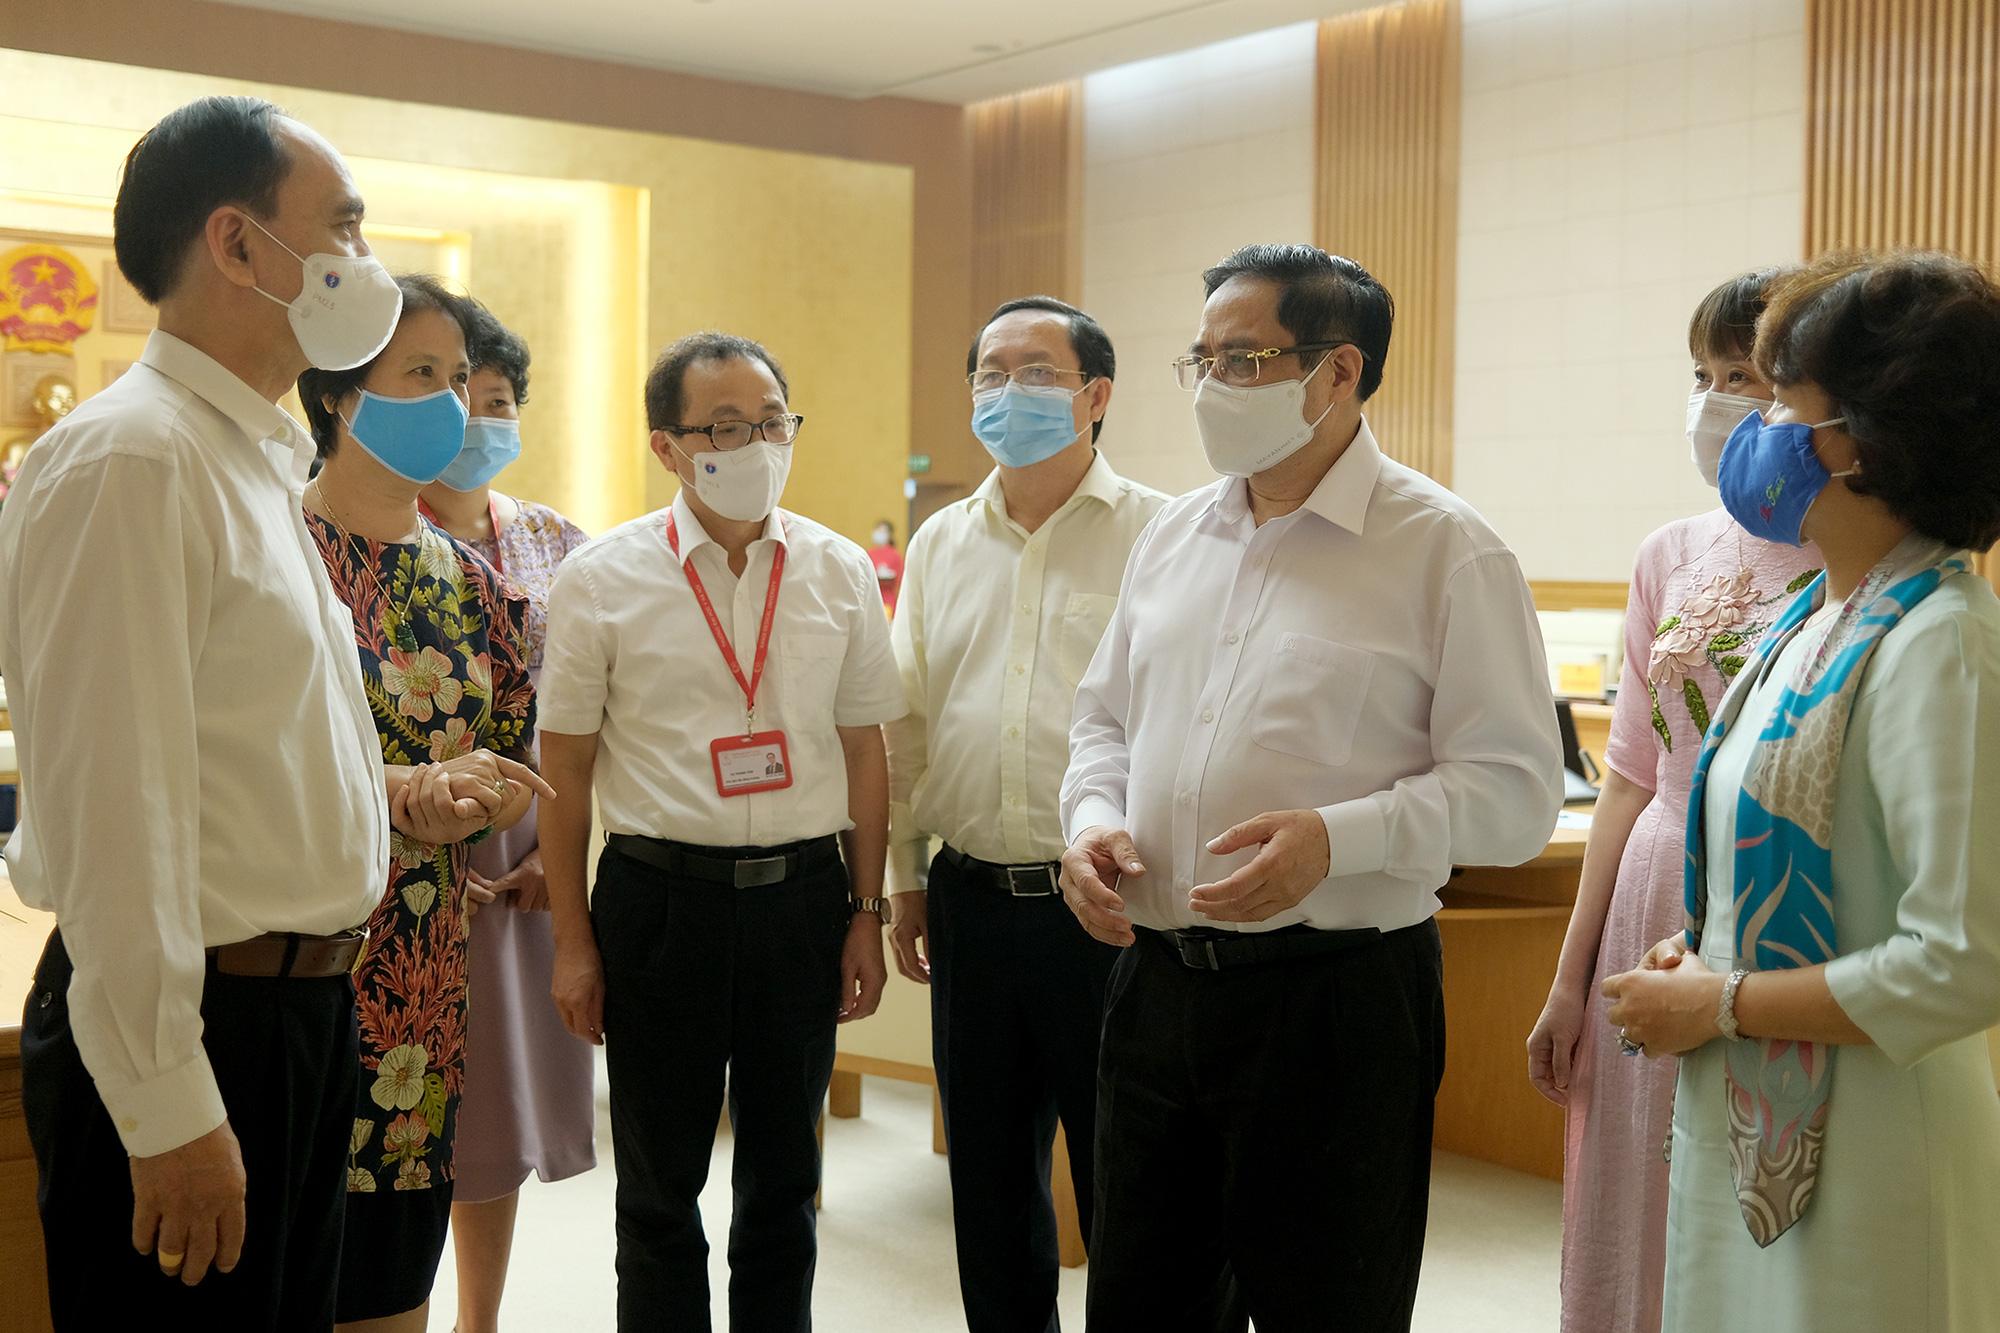 Thủ tướng: Quyết tâm nghiên cứu, chuyển giao, sản xuất bằng được vaccine COVID-19 - Ảnh 2.